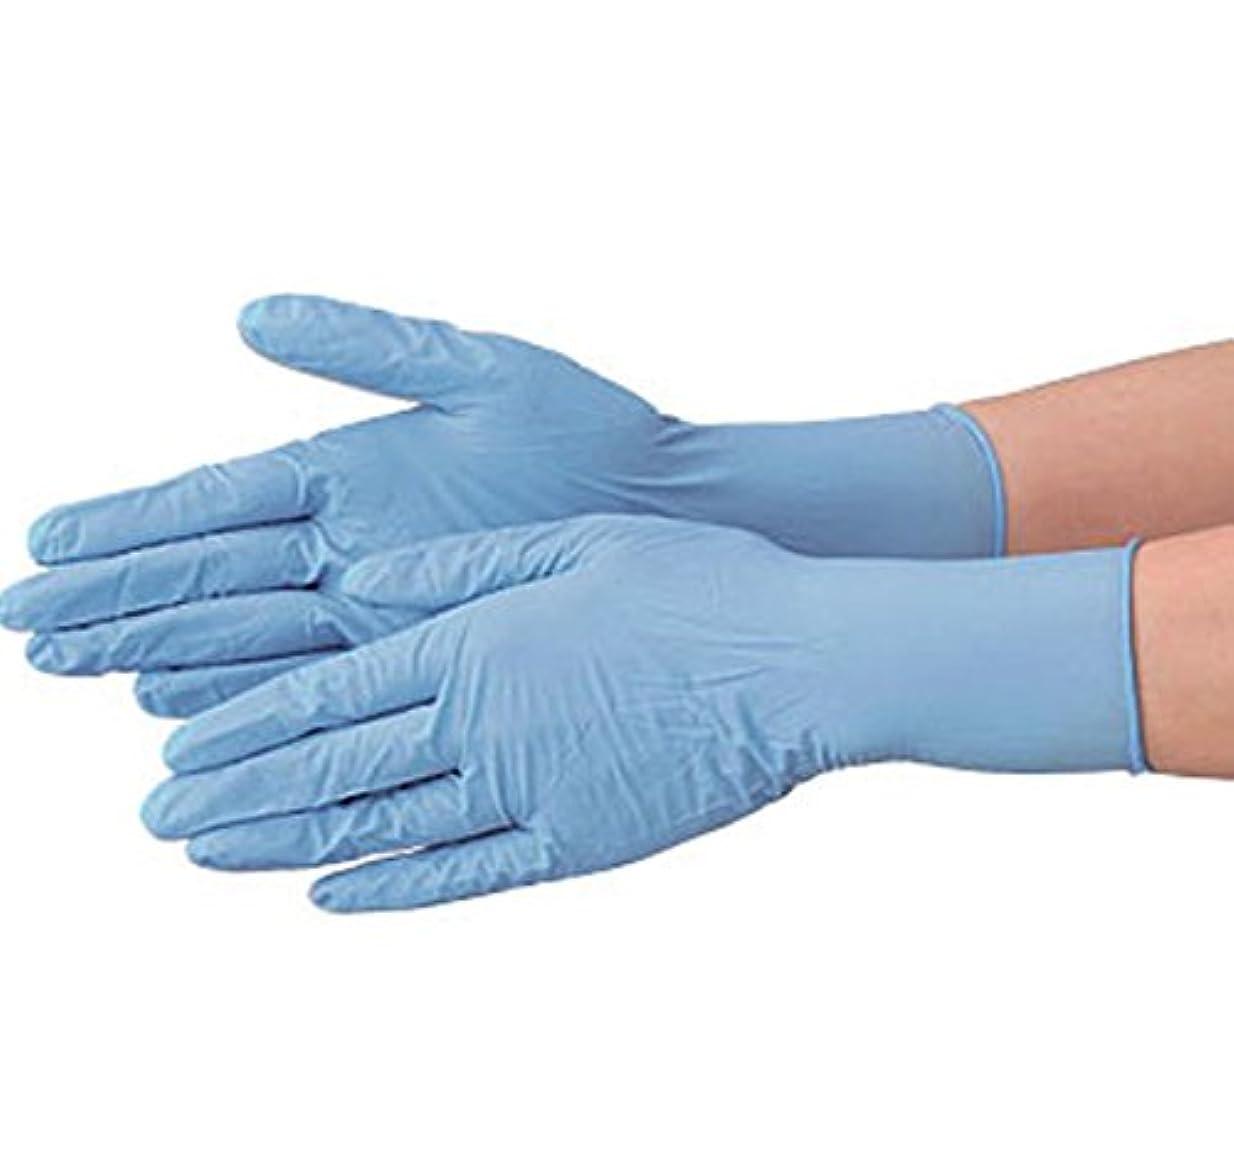 使い捨て 手袋 エブノ 520 ニトリル 極薄手袋 パウダーフリー ブルー Sサイズ 2ケース(100枚×40箱)